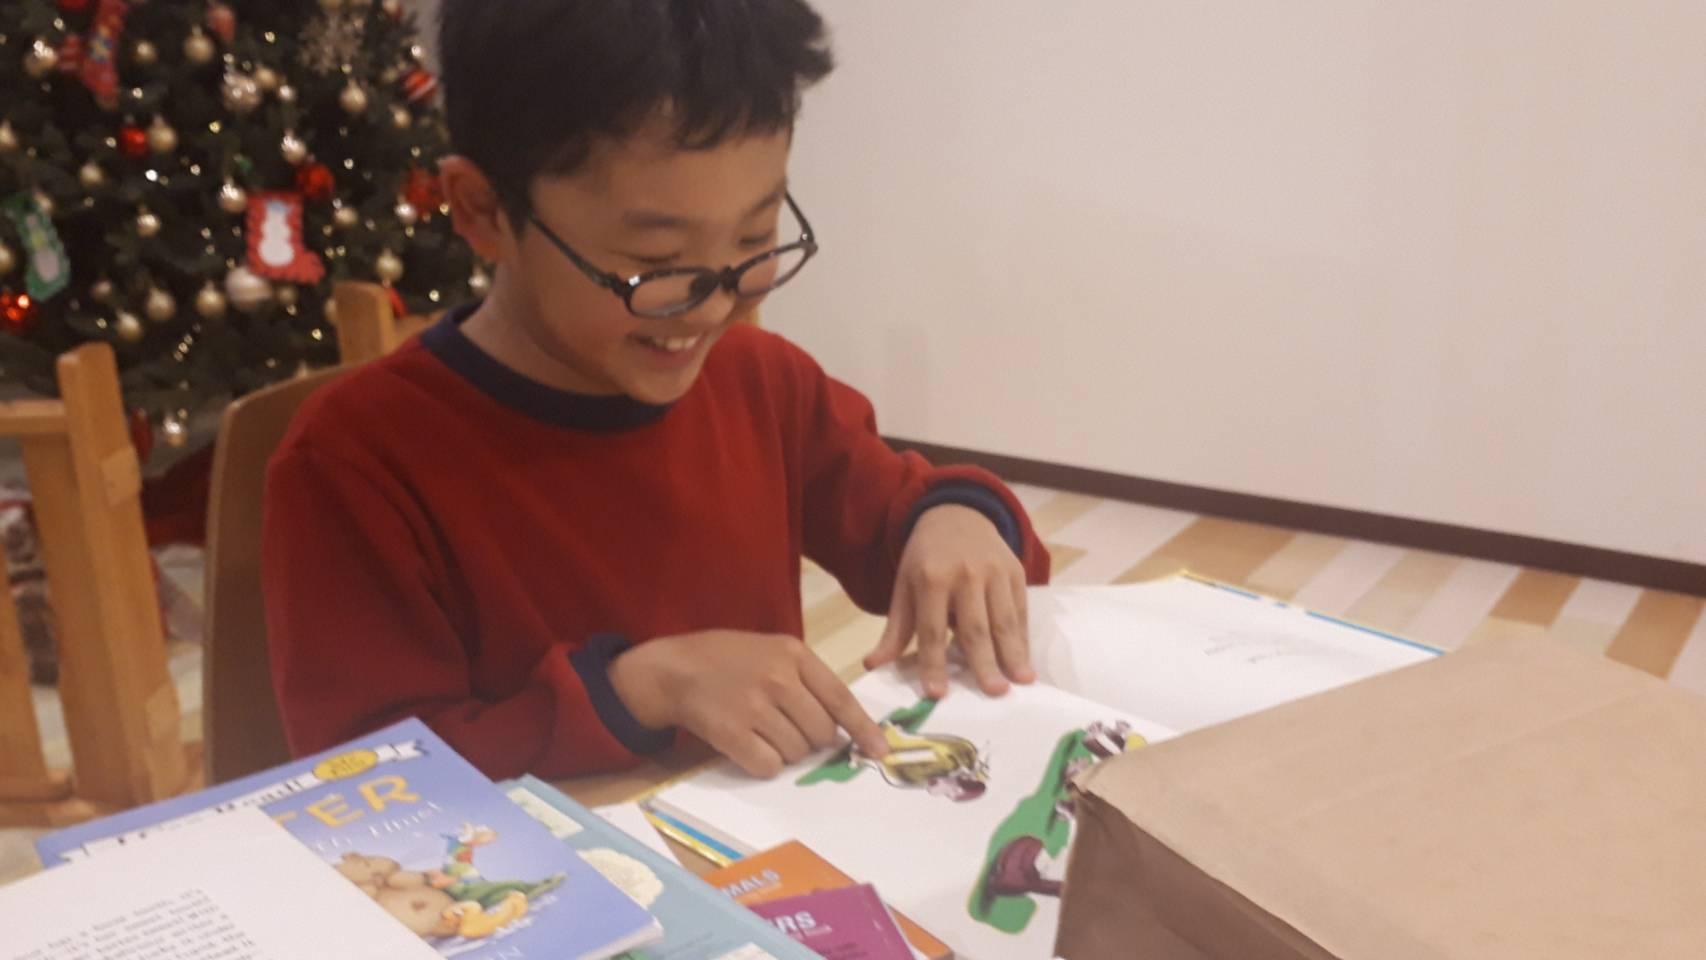 【オレゴンからの贈り物】絵本を寄贈して頂きました